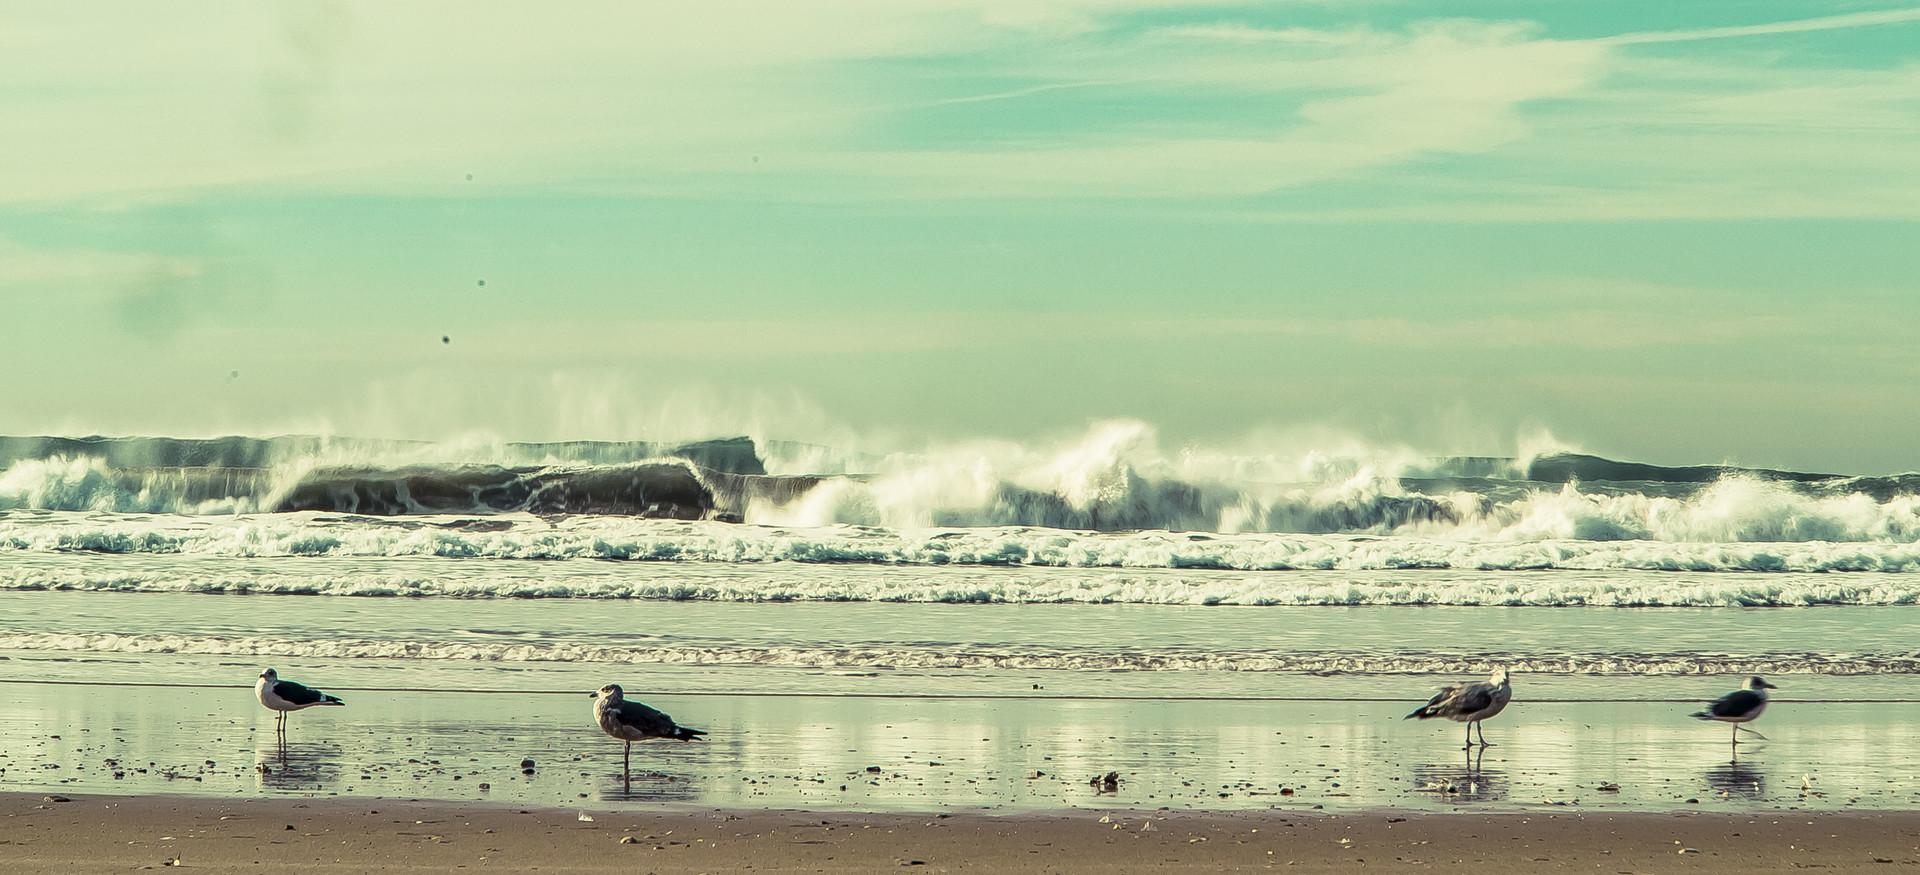 surfing-lisbon-ec355826f5929d6870ca2b20a